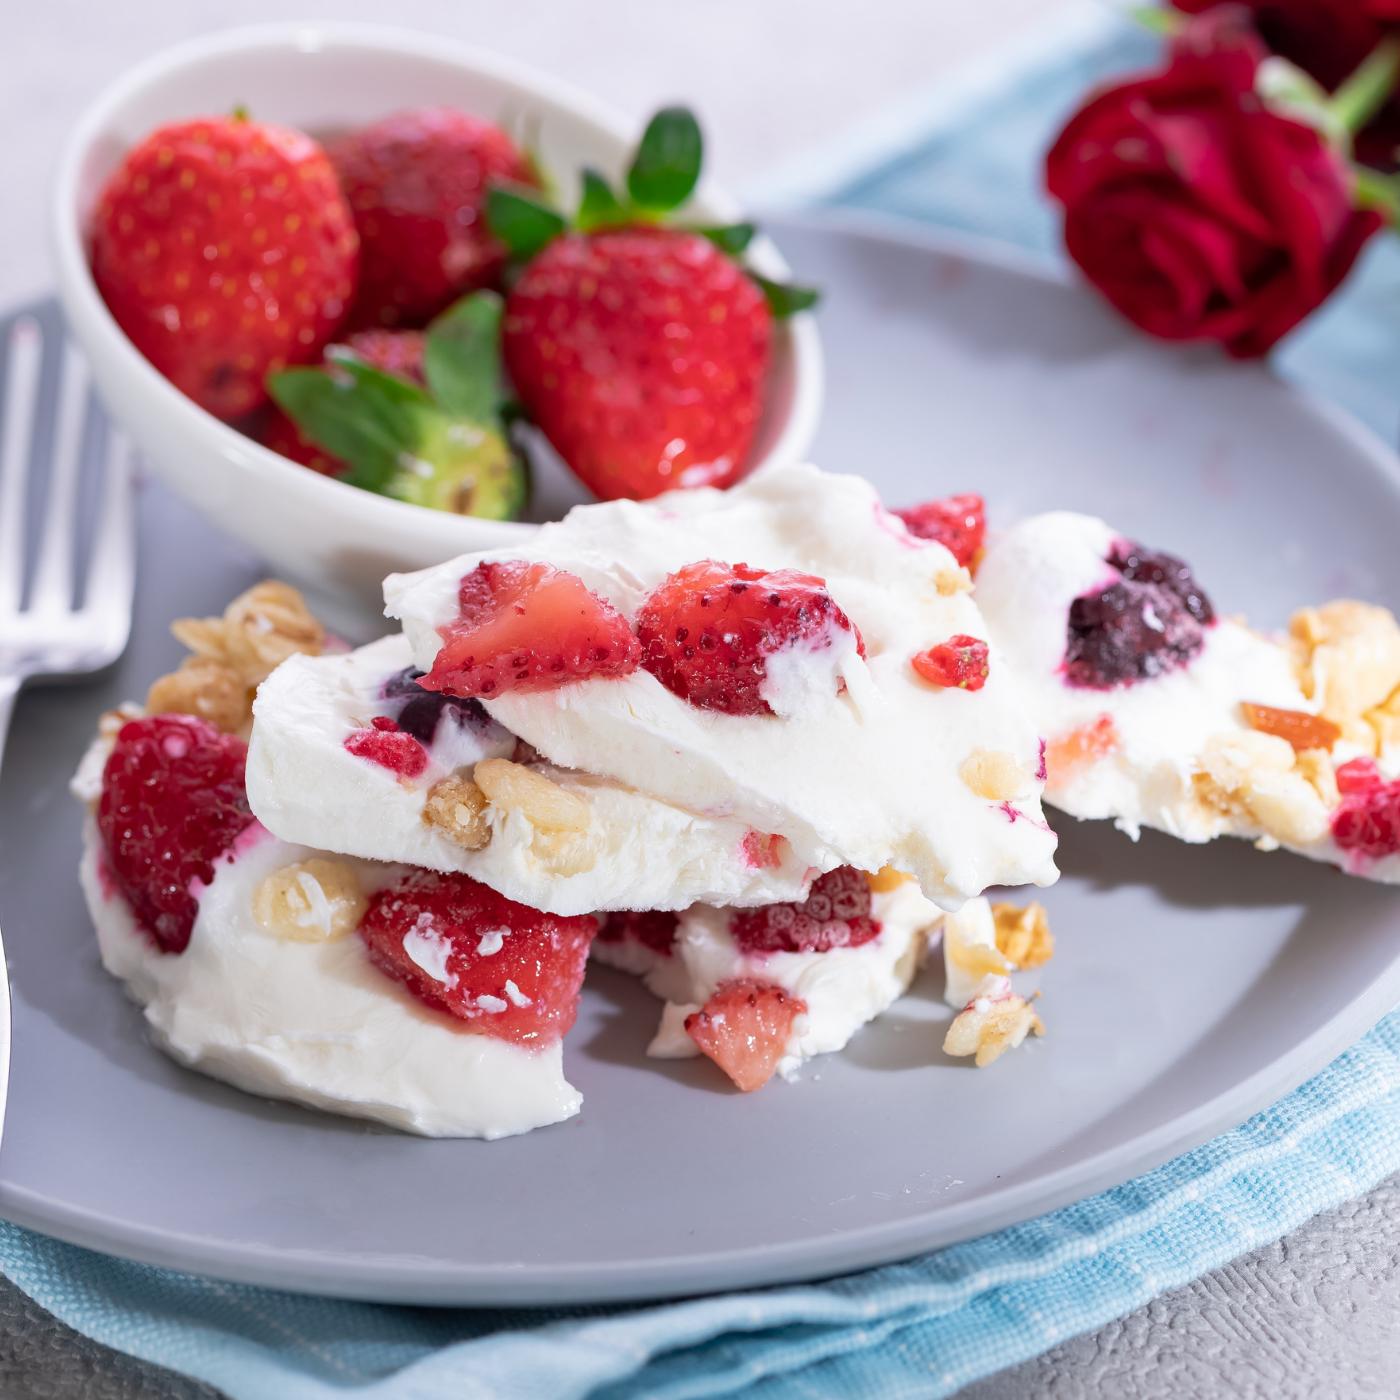 Sådan laver du det populære frossen yoghurt-bark fra TikTok